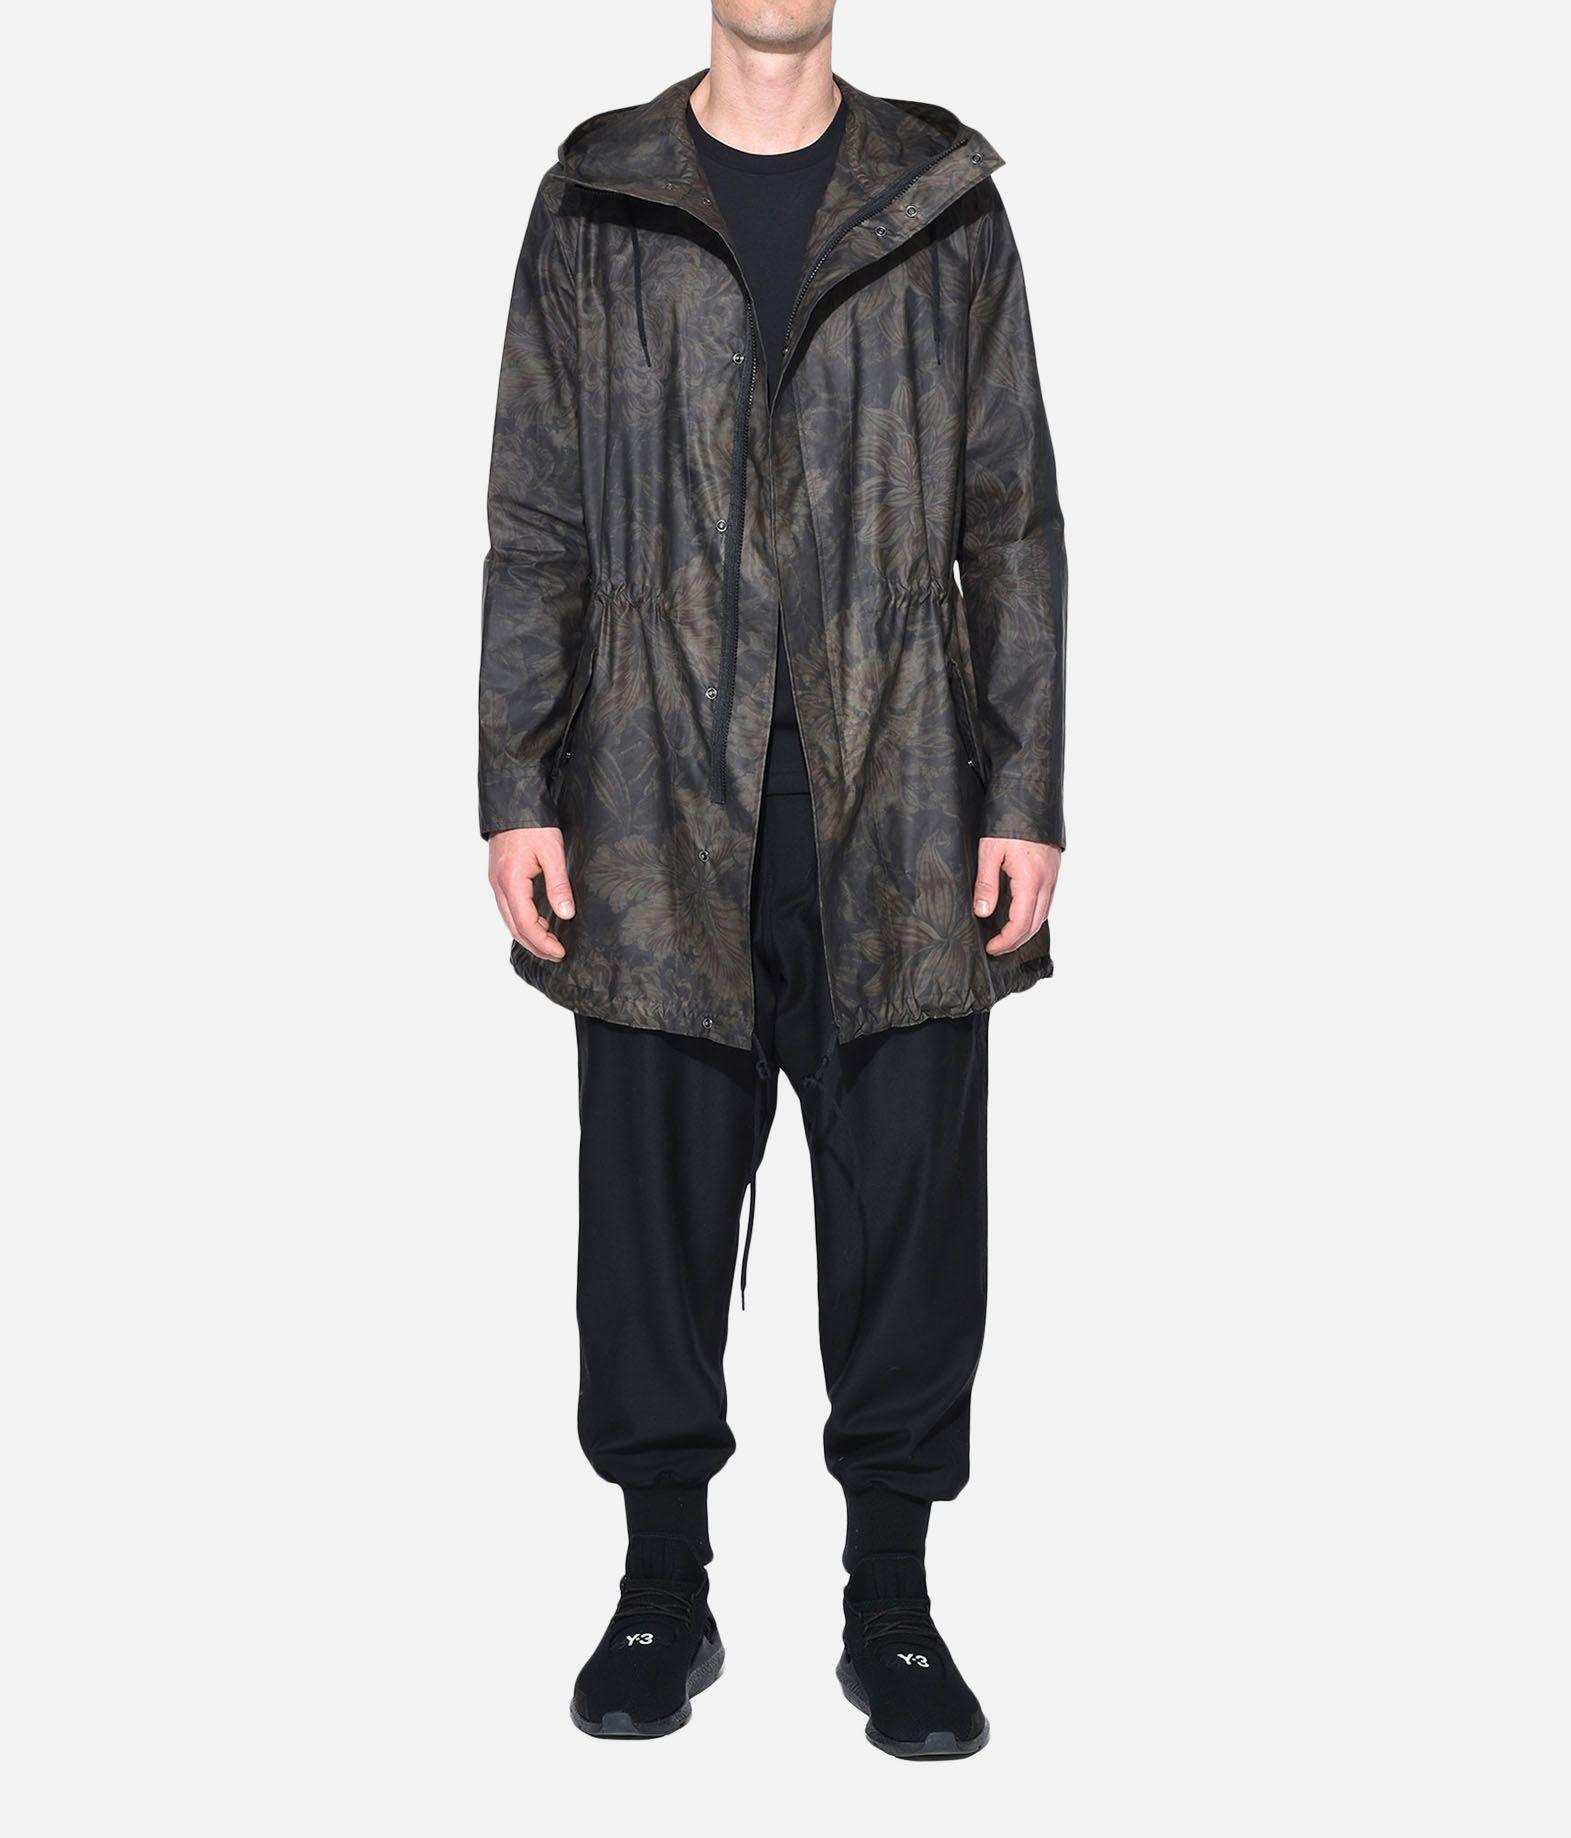 Y-3 Y-3 AOP Mod Raincoat Raincoat Man a